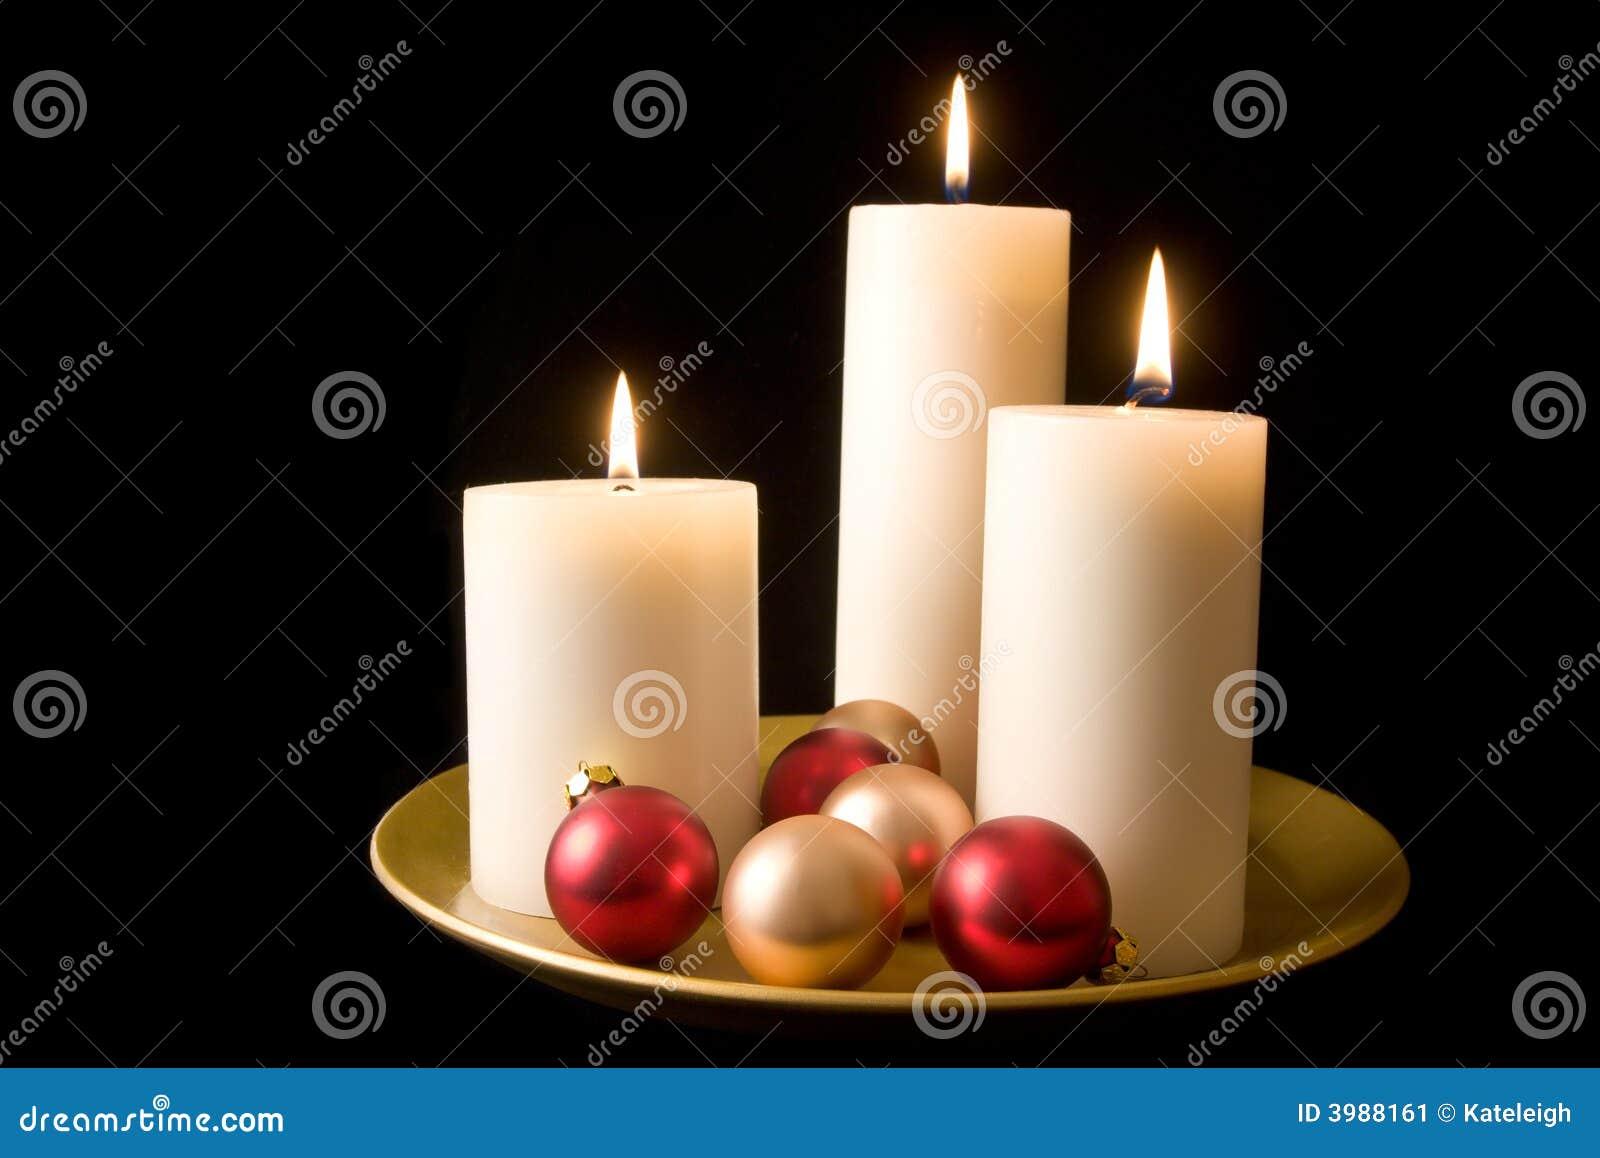 Wykaz świeca dekoracyjny